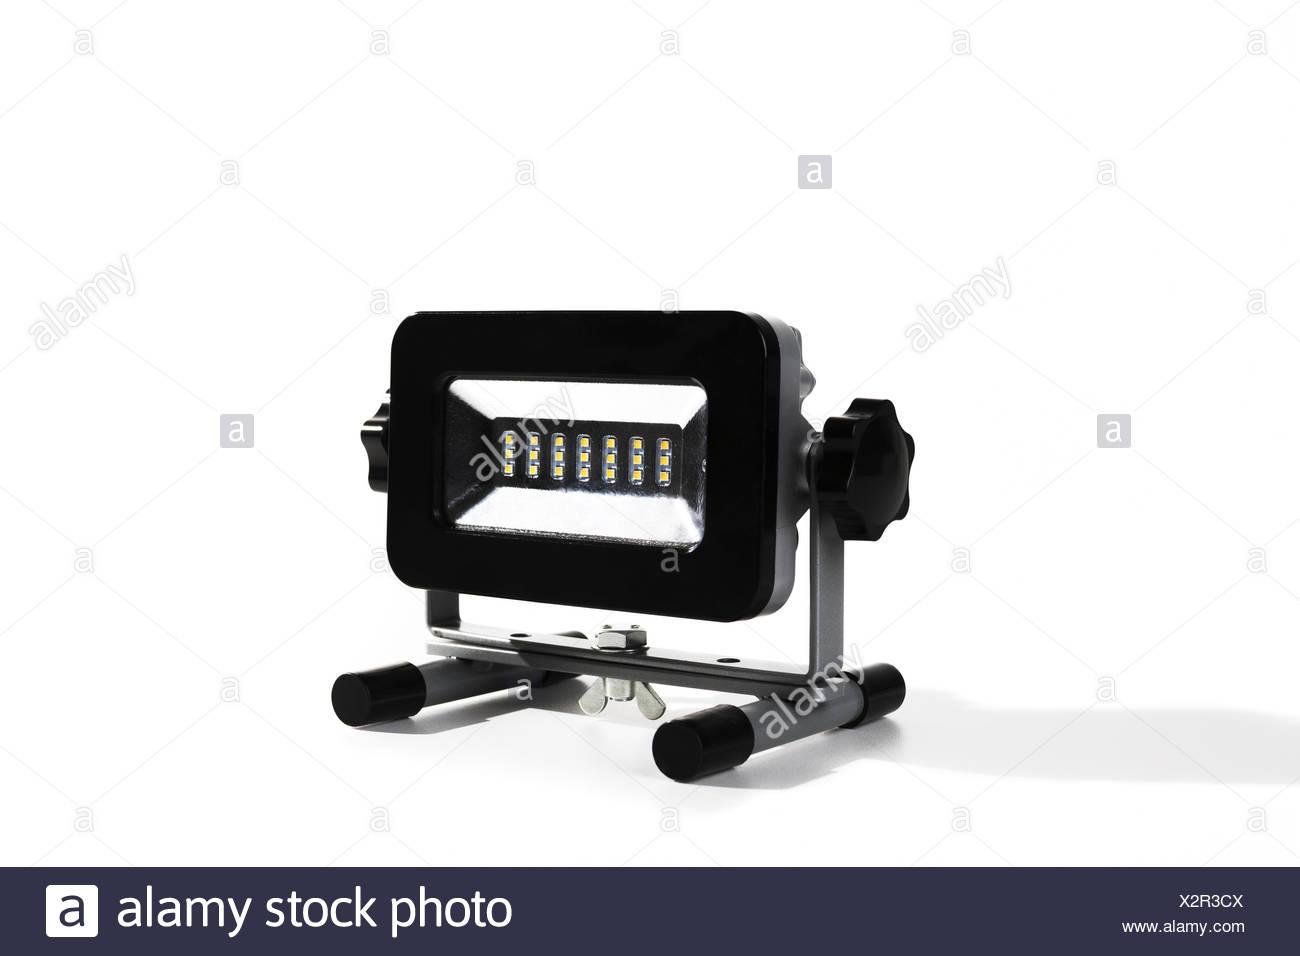 Led Lampen Stockfotos Led Lampen Bilder Alamy